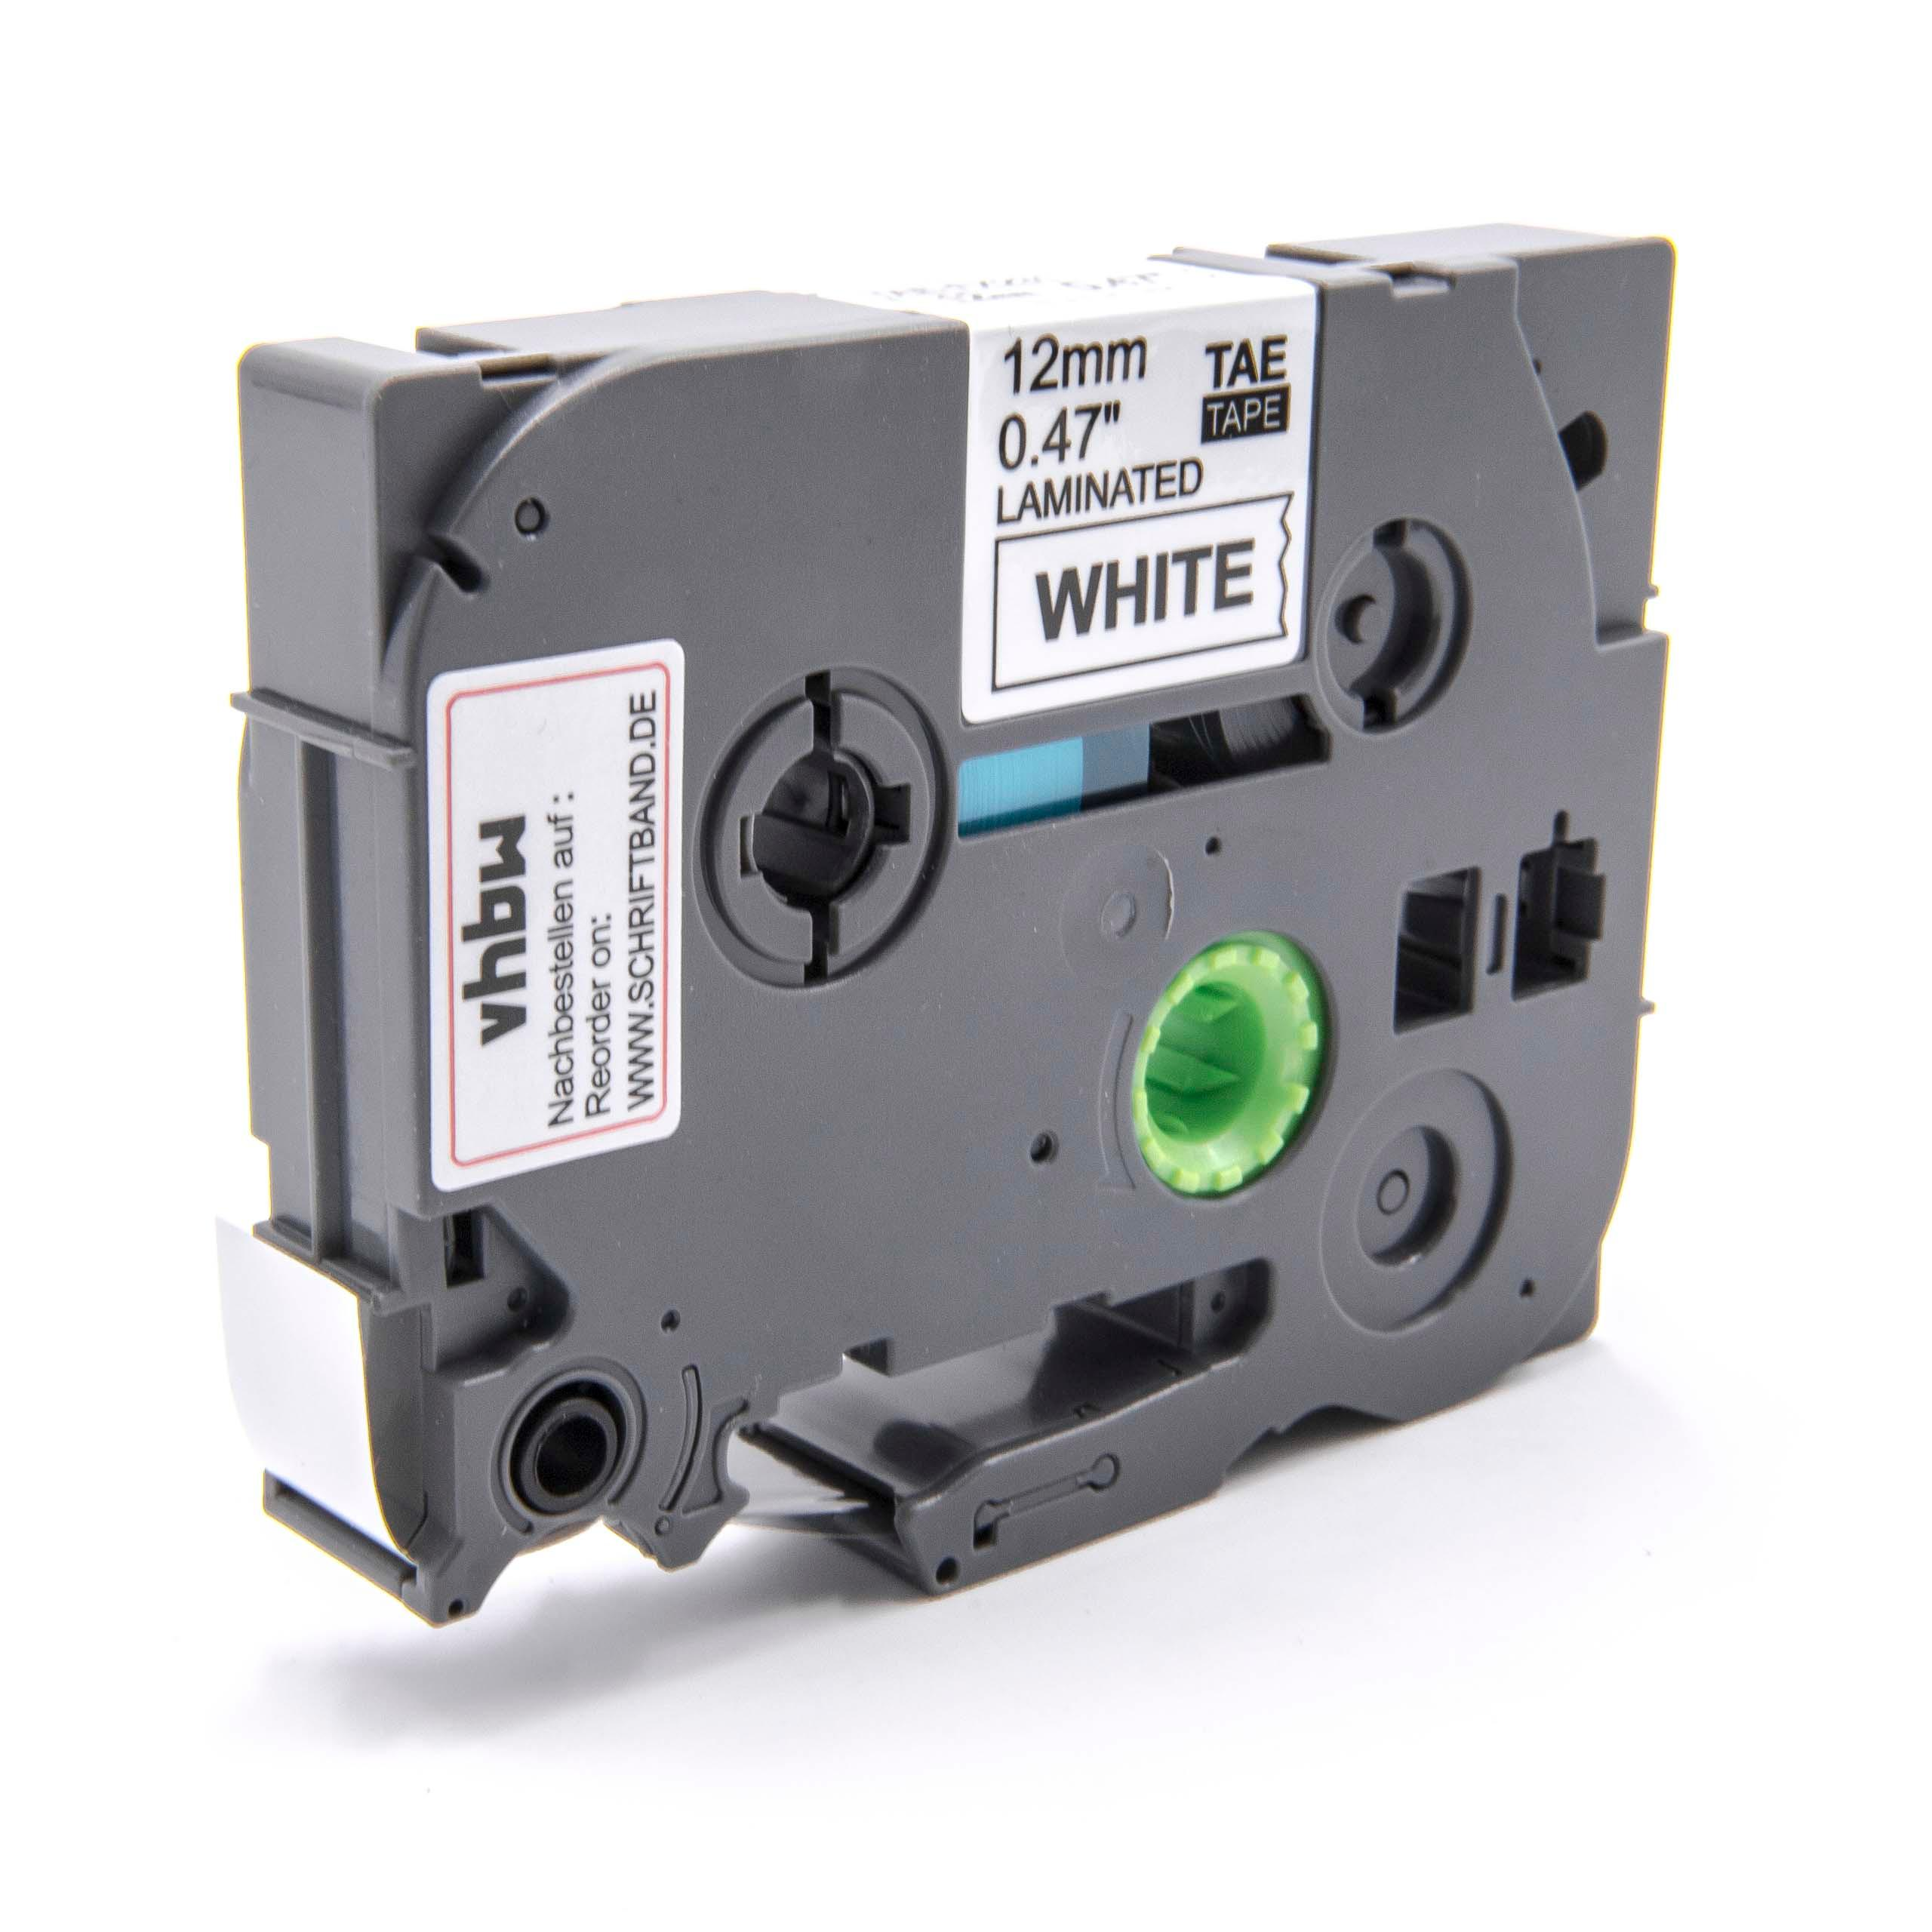 QL-500A 1200 Drucker Etiketten 12mm wasserfest für Brother P-touch QL-500